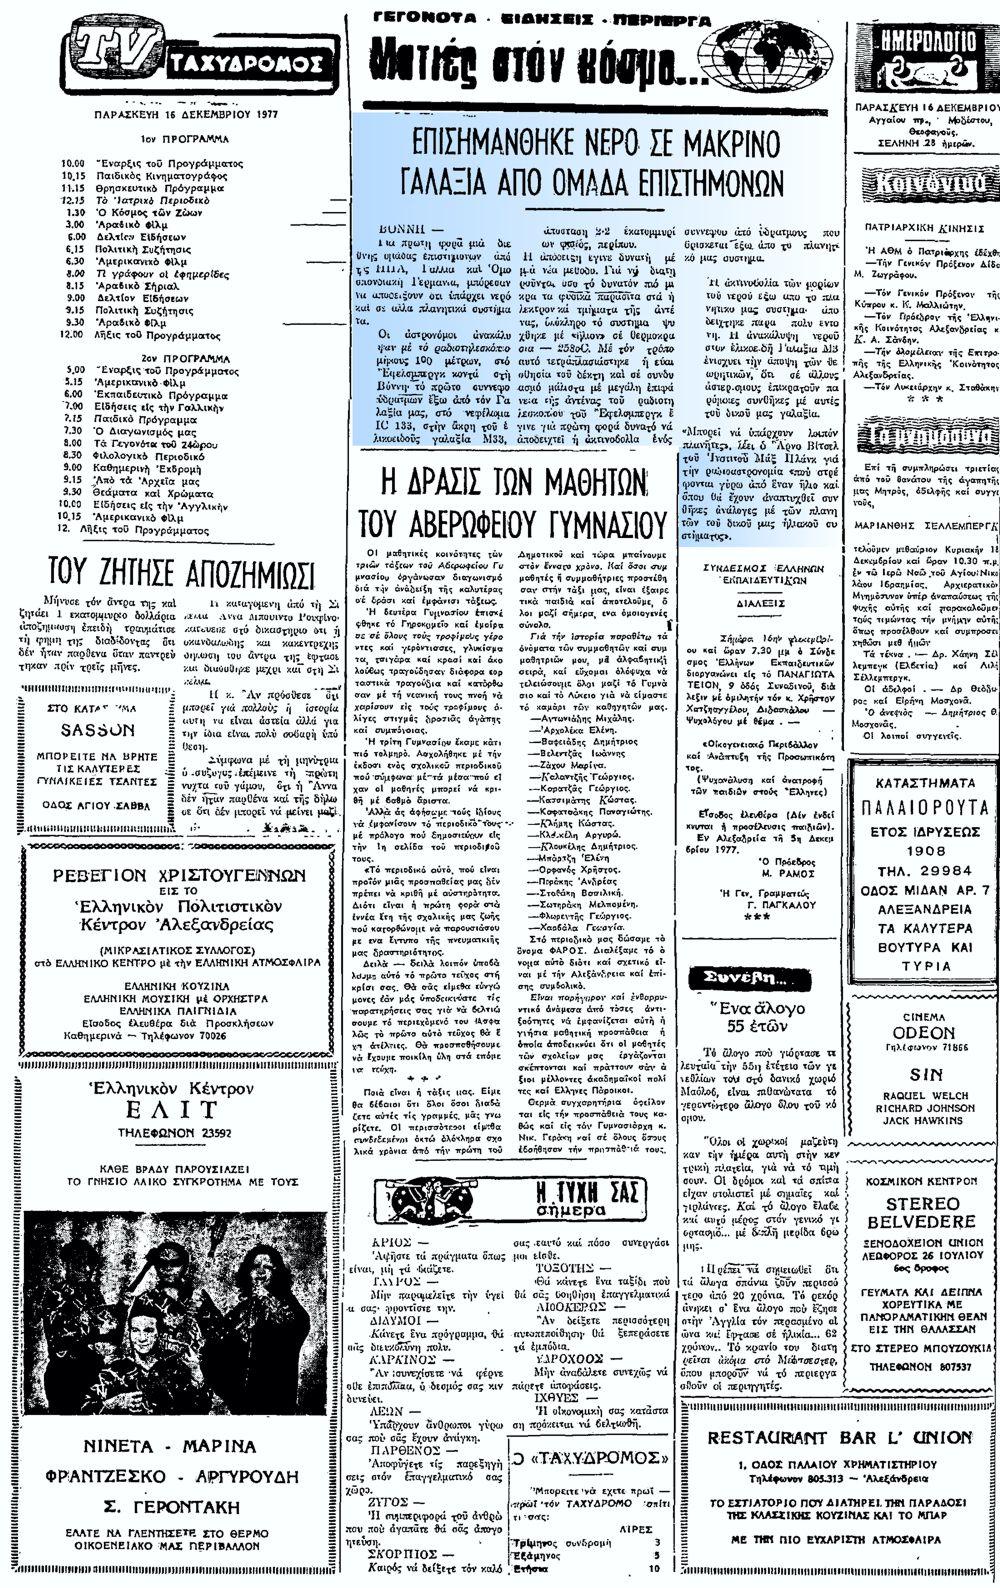 """Το άρθρο, όπως δημοσιεύθηκε στην εφημερίδα """"ΤΑΧΥΔΡΟΜΟΣ"""", στις 16/12/1977"""